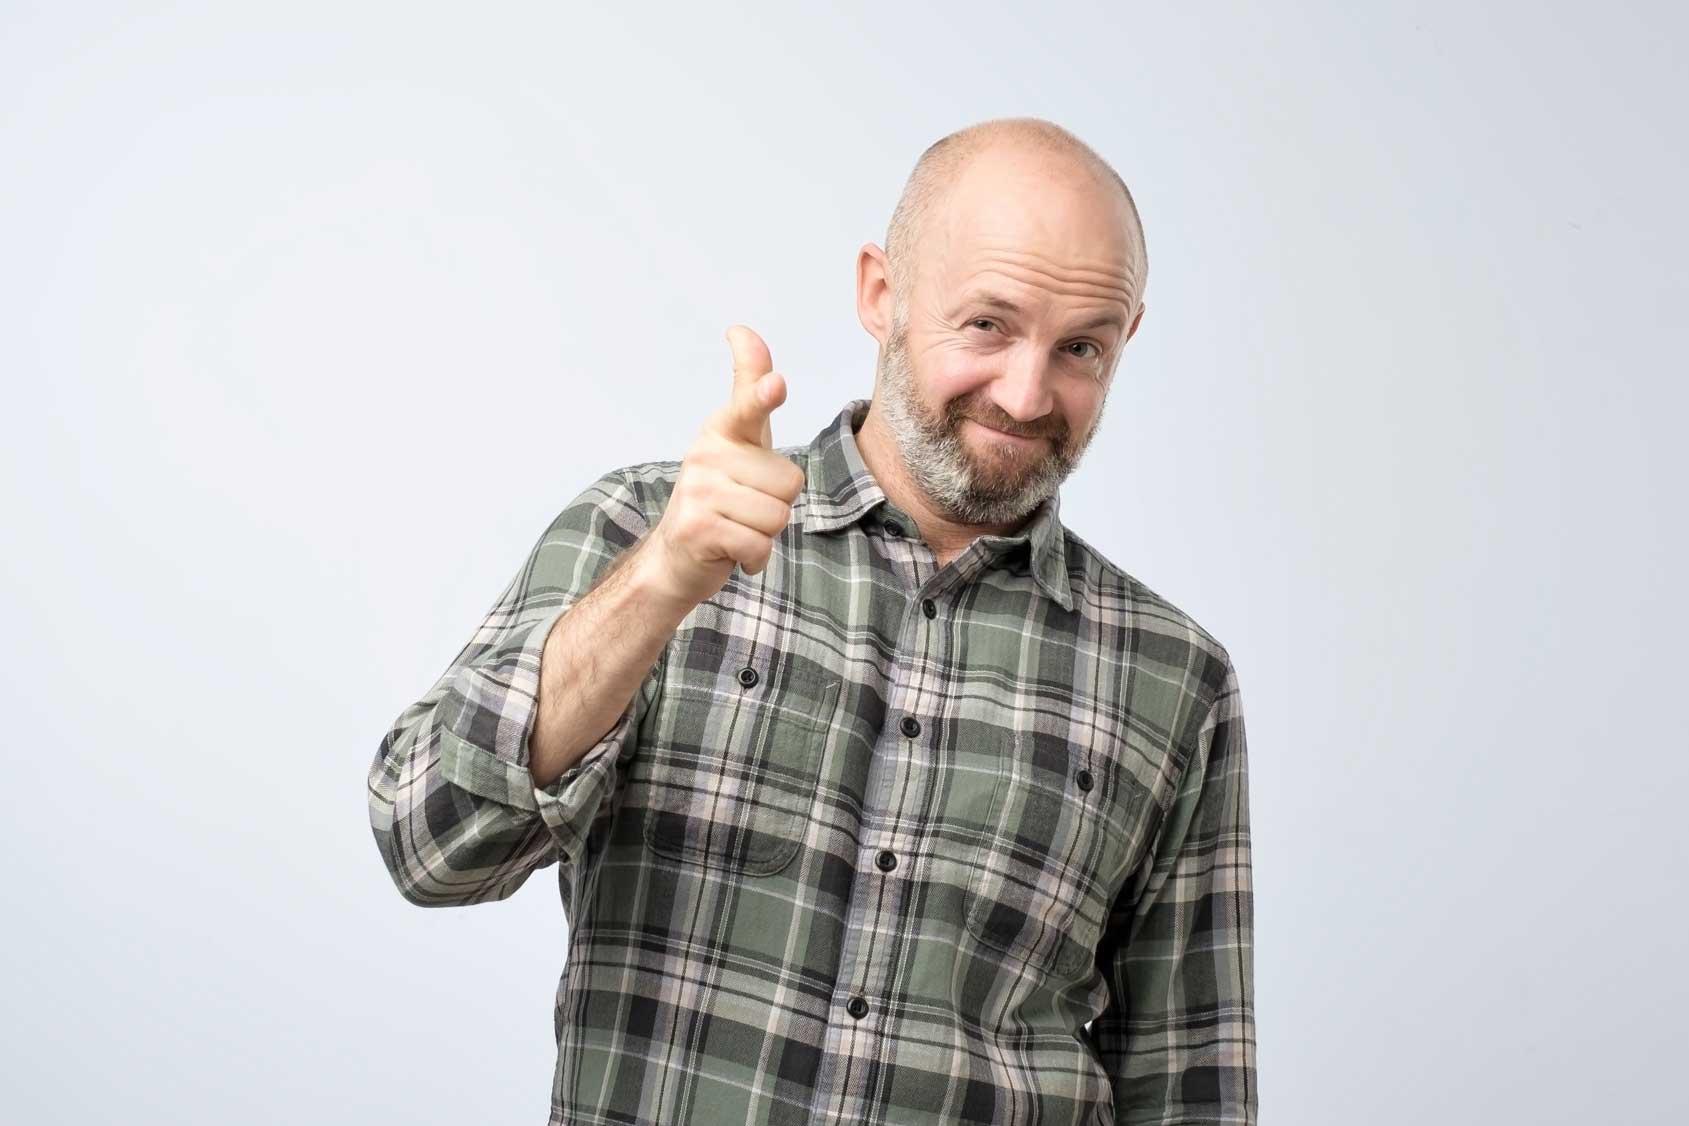 Ein Mann mit Glatze und Bart zeigt bestätigende Gesten in Richtung Betrachter.